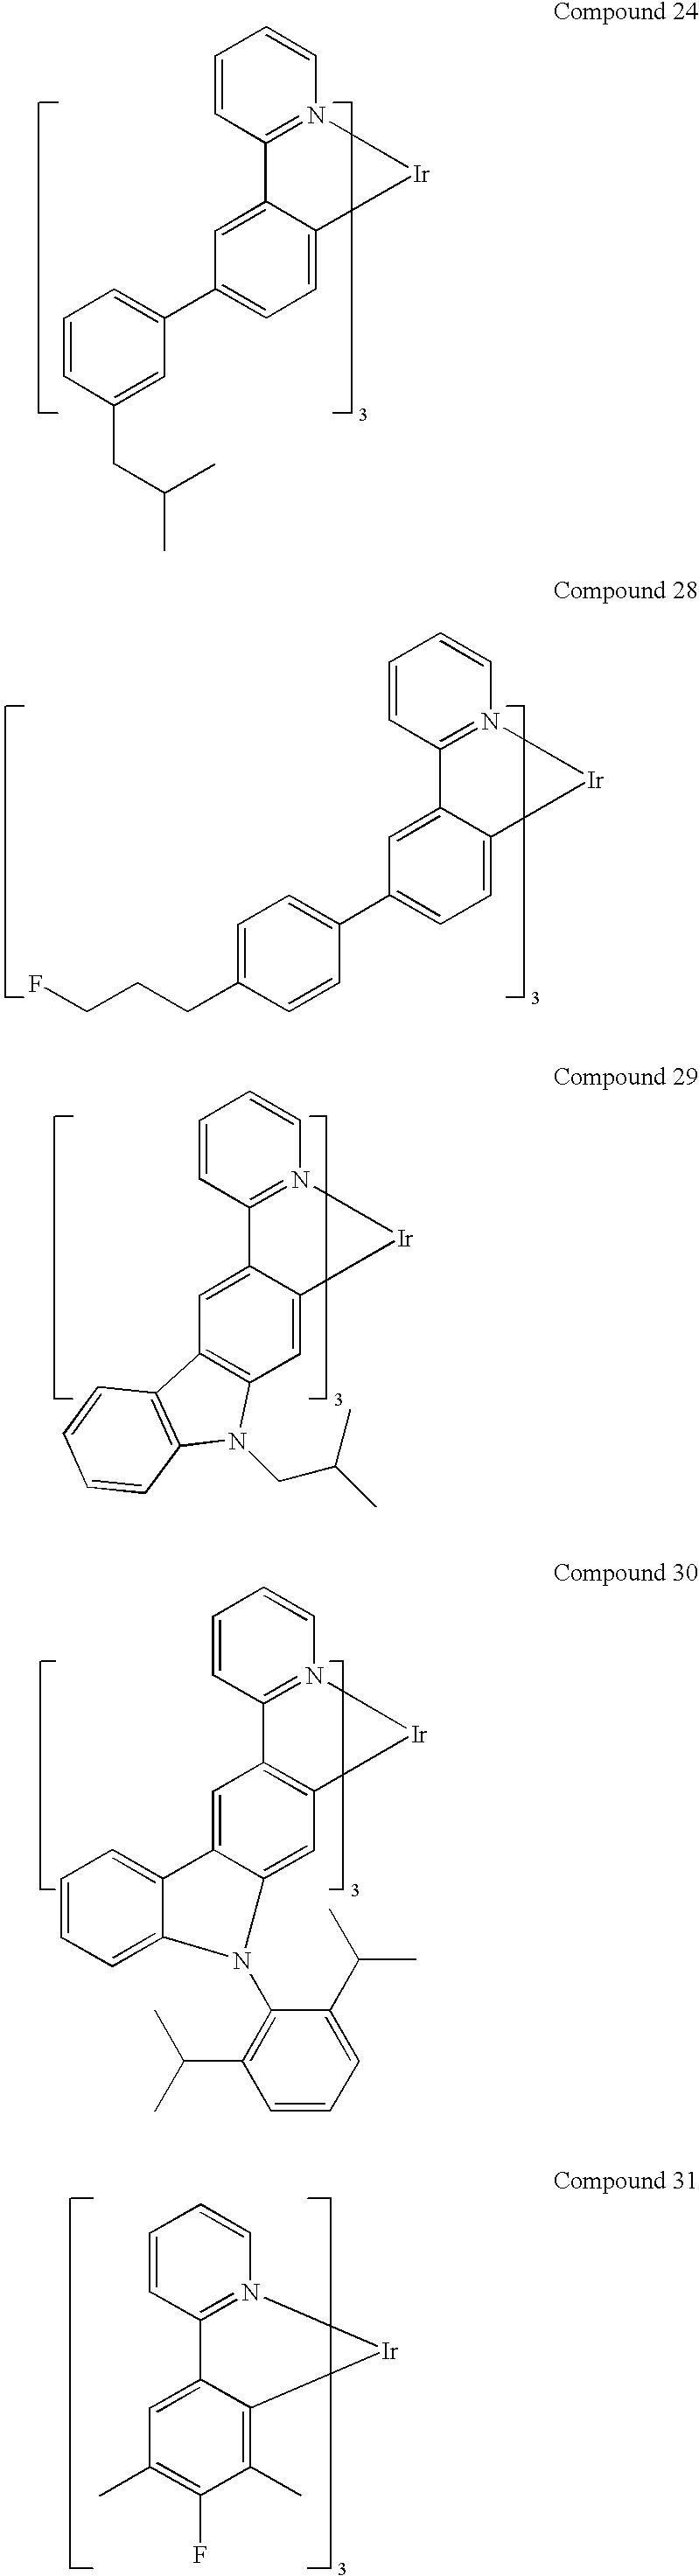 Figure US20090108737A1-20090430-C00224